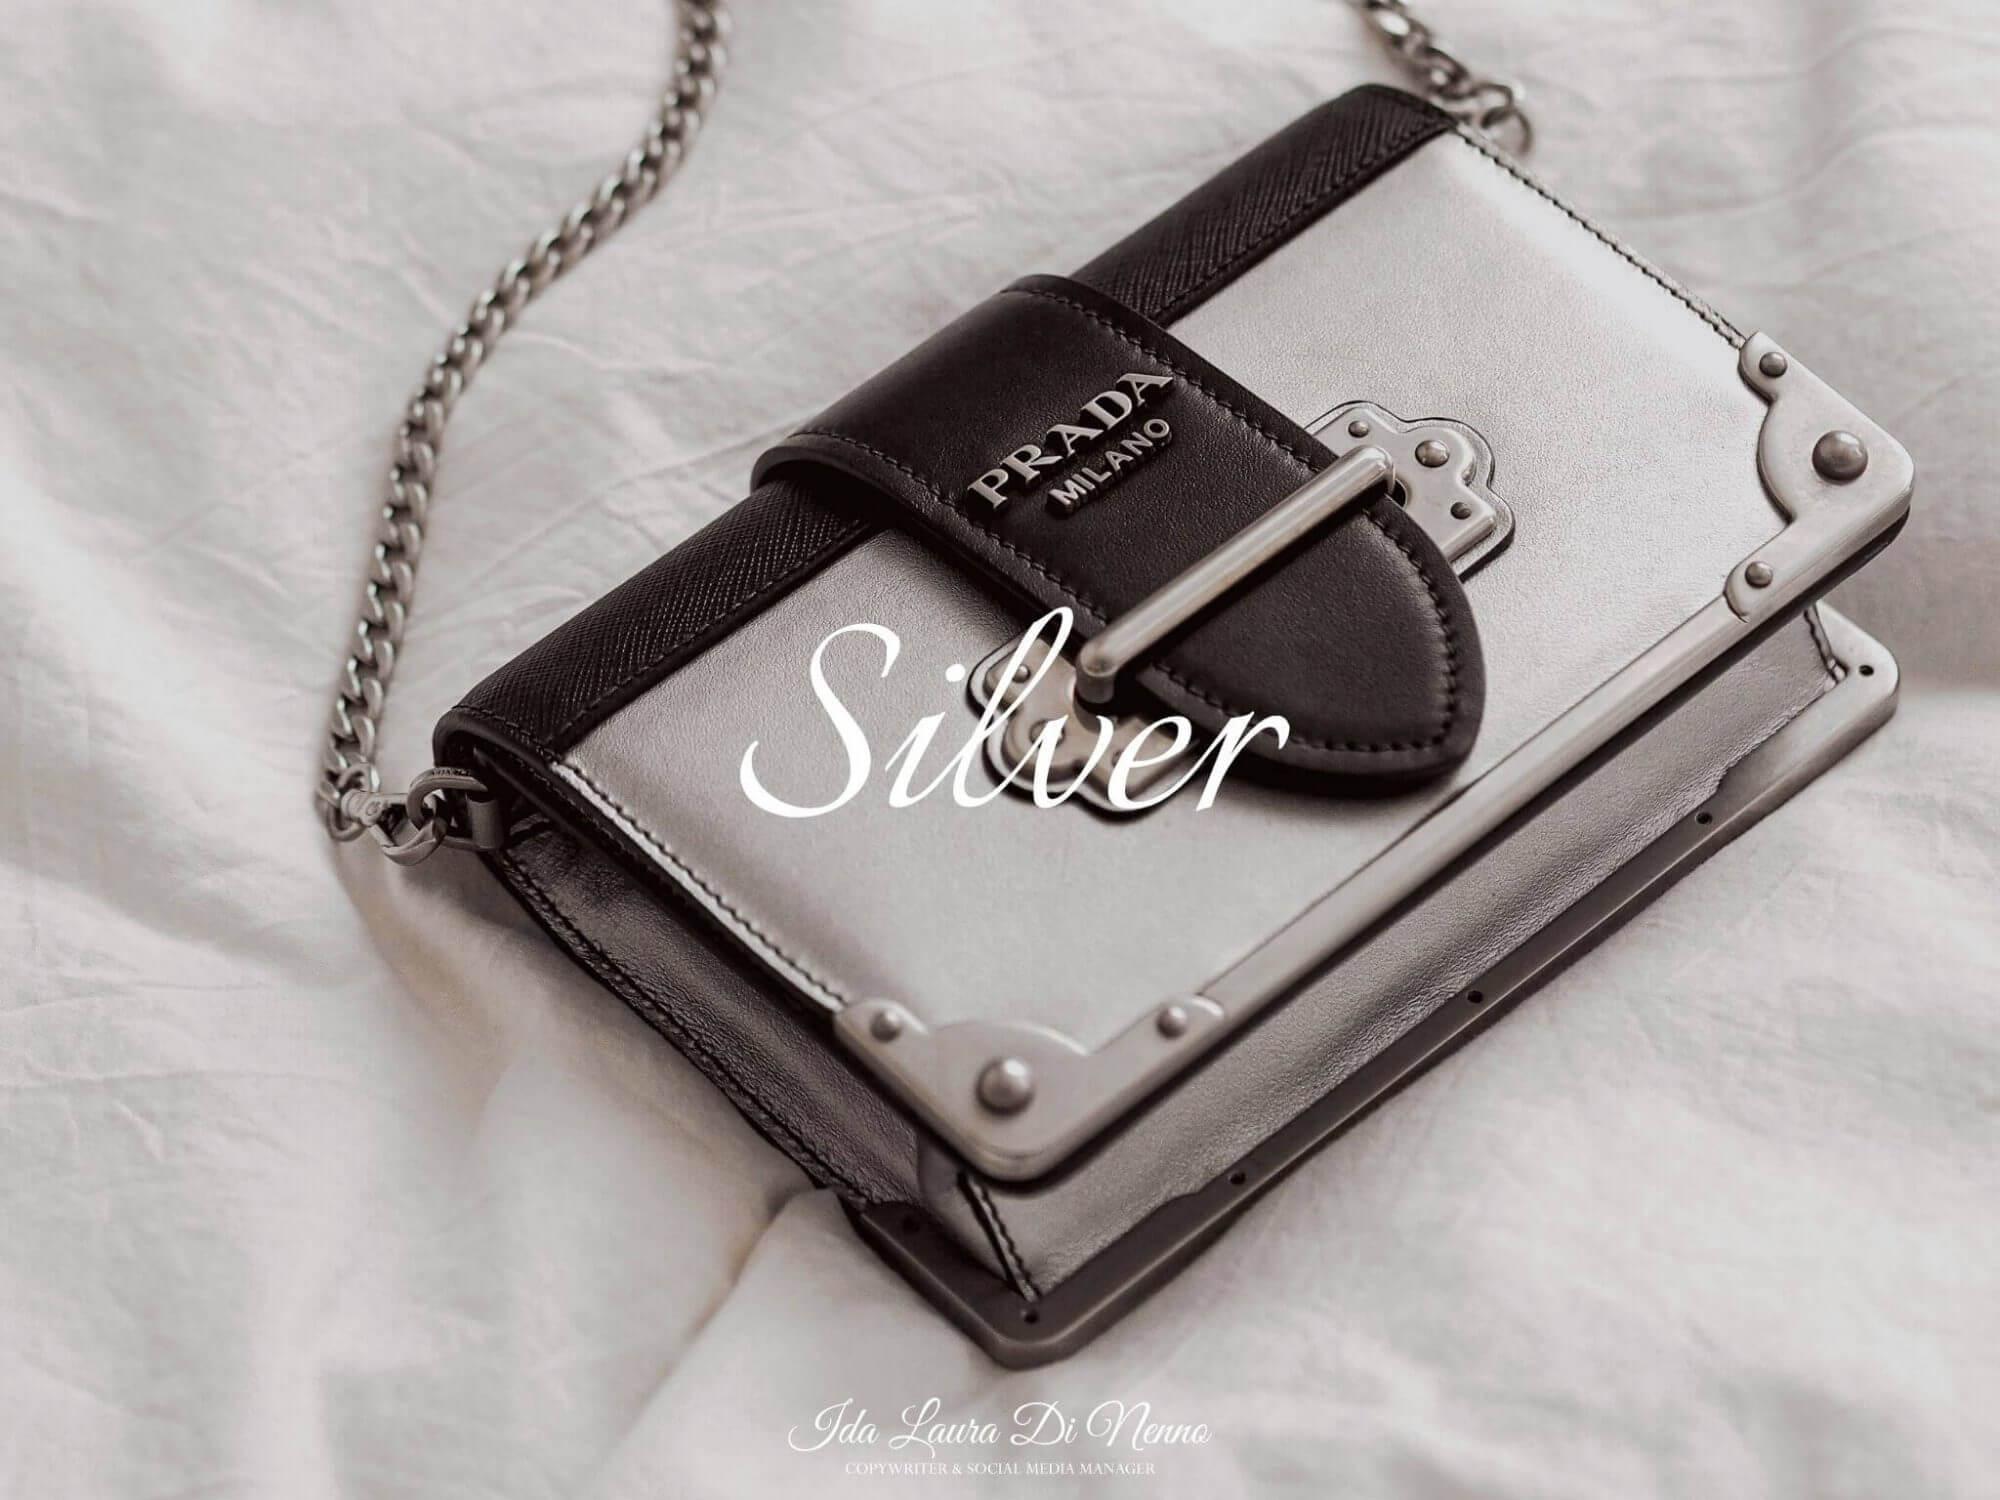 Silver: una brillantezza spaziale